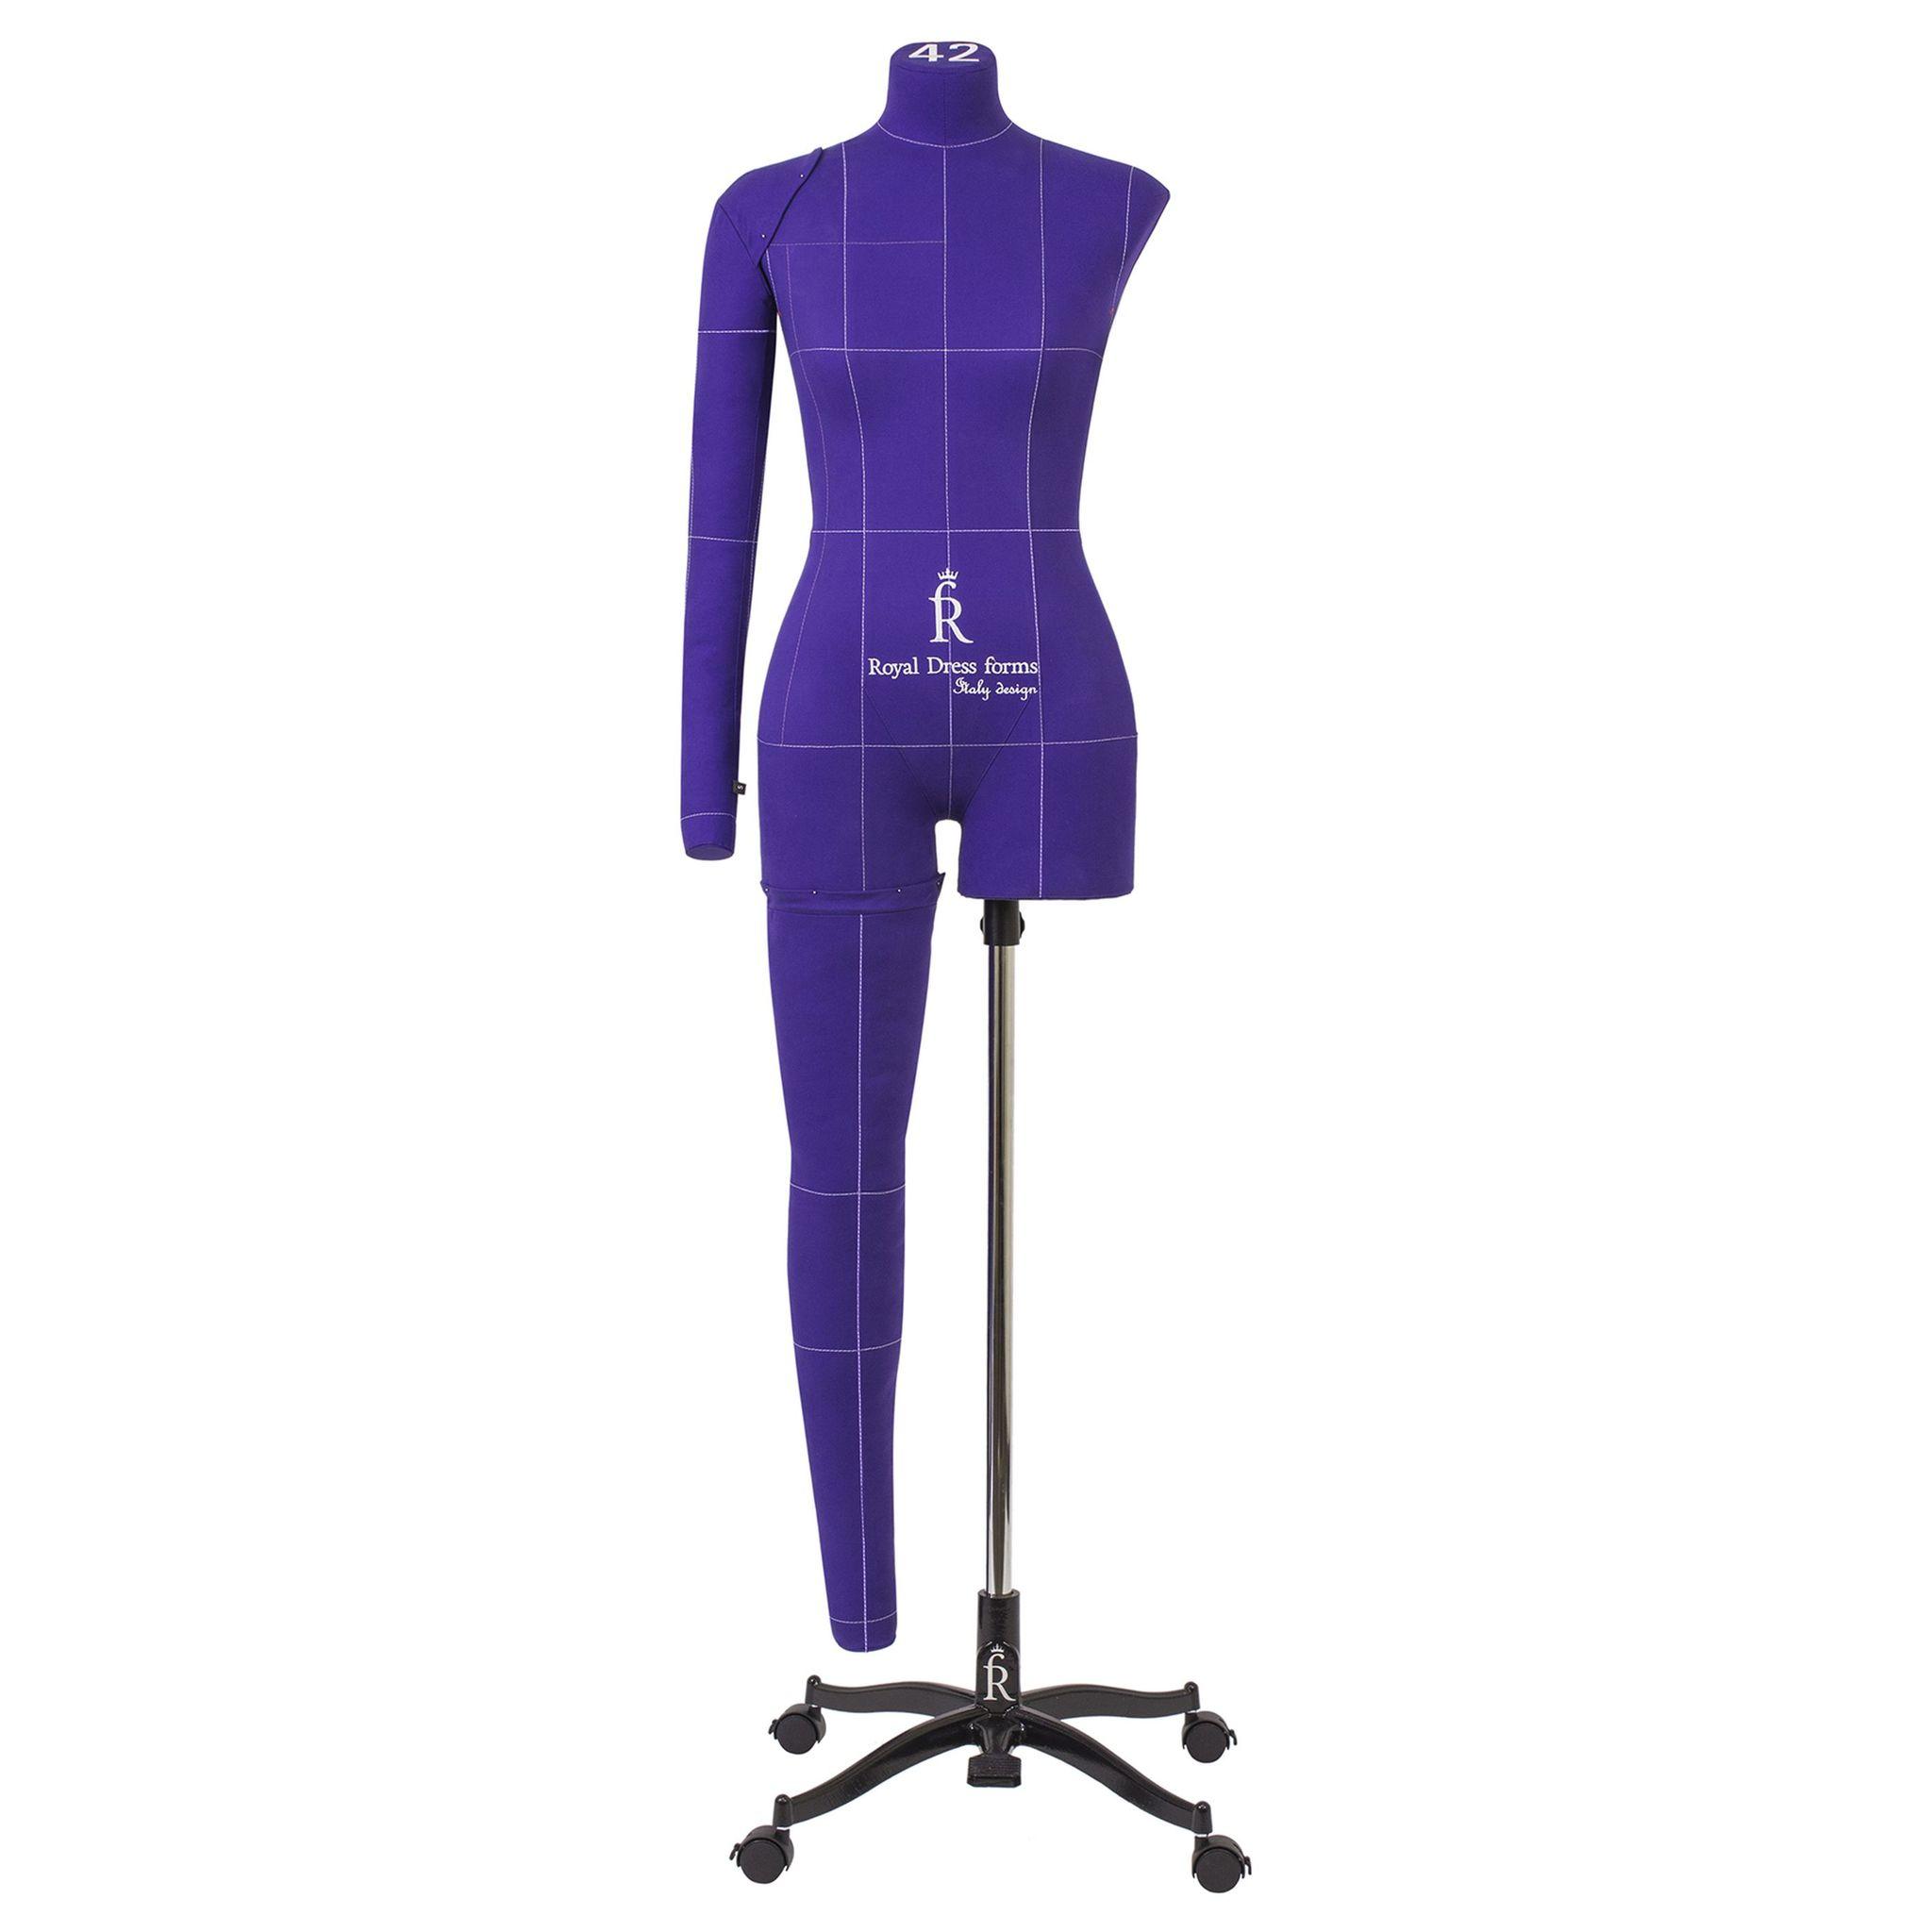 Манекен портновский Моника Арт, фиолетовый, 46 размер